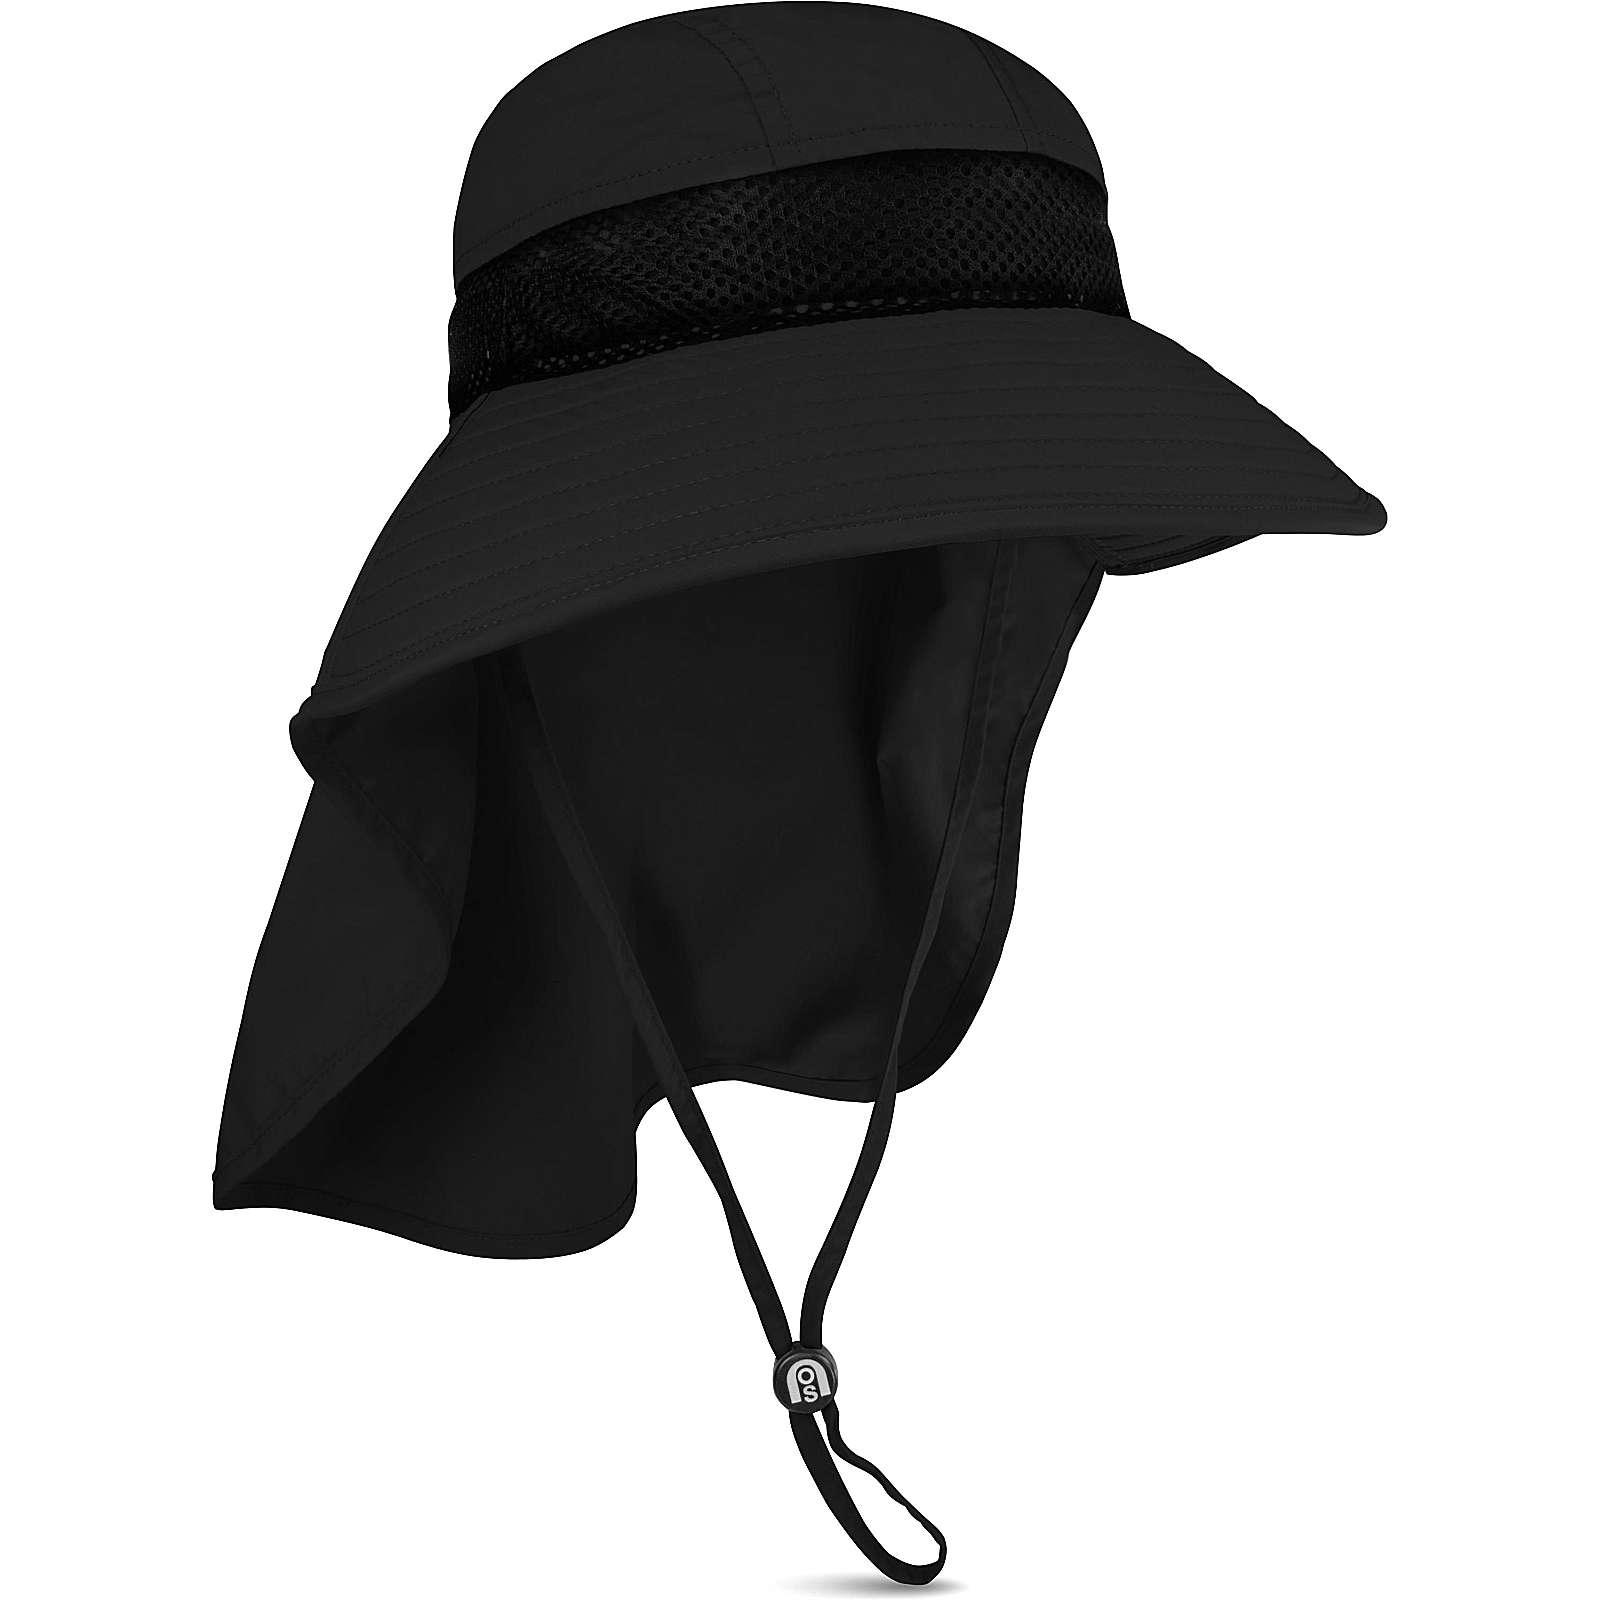 normani® Sommerhut Boyerich Regenhüte schwarz Gr. 55-57